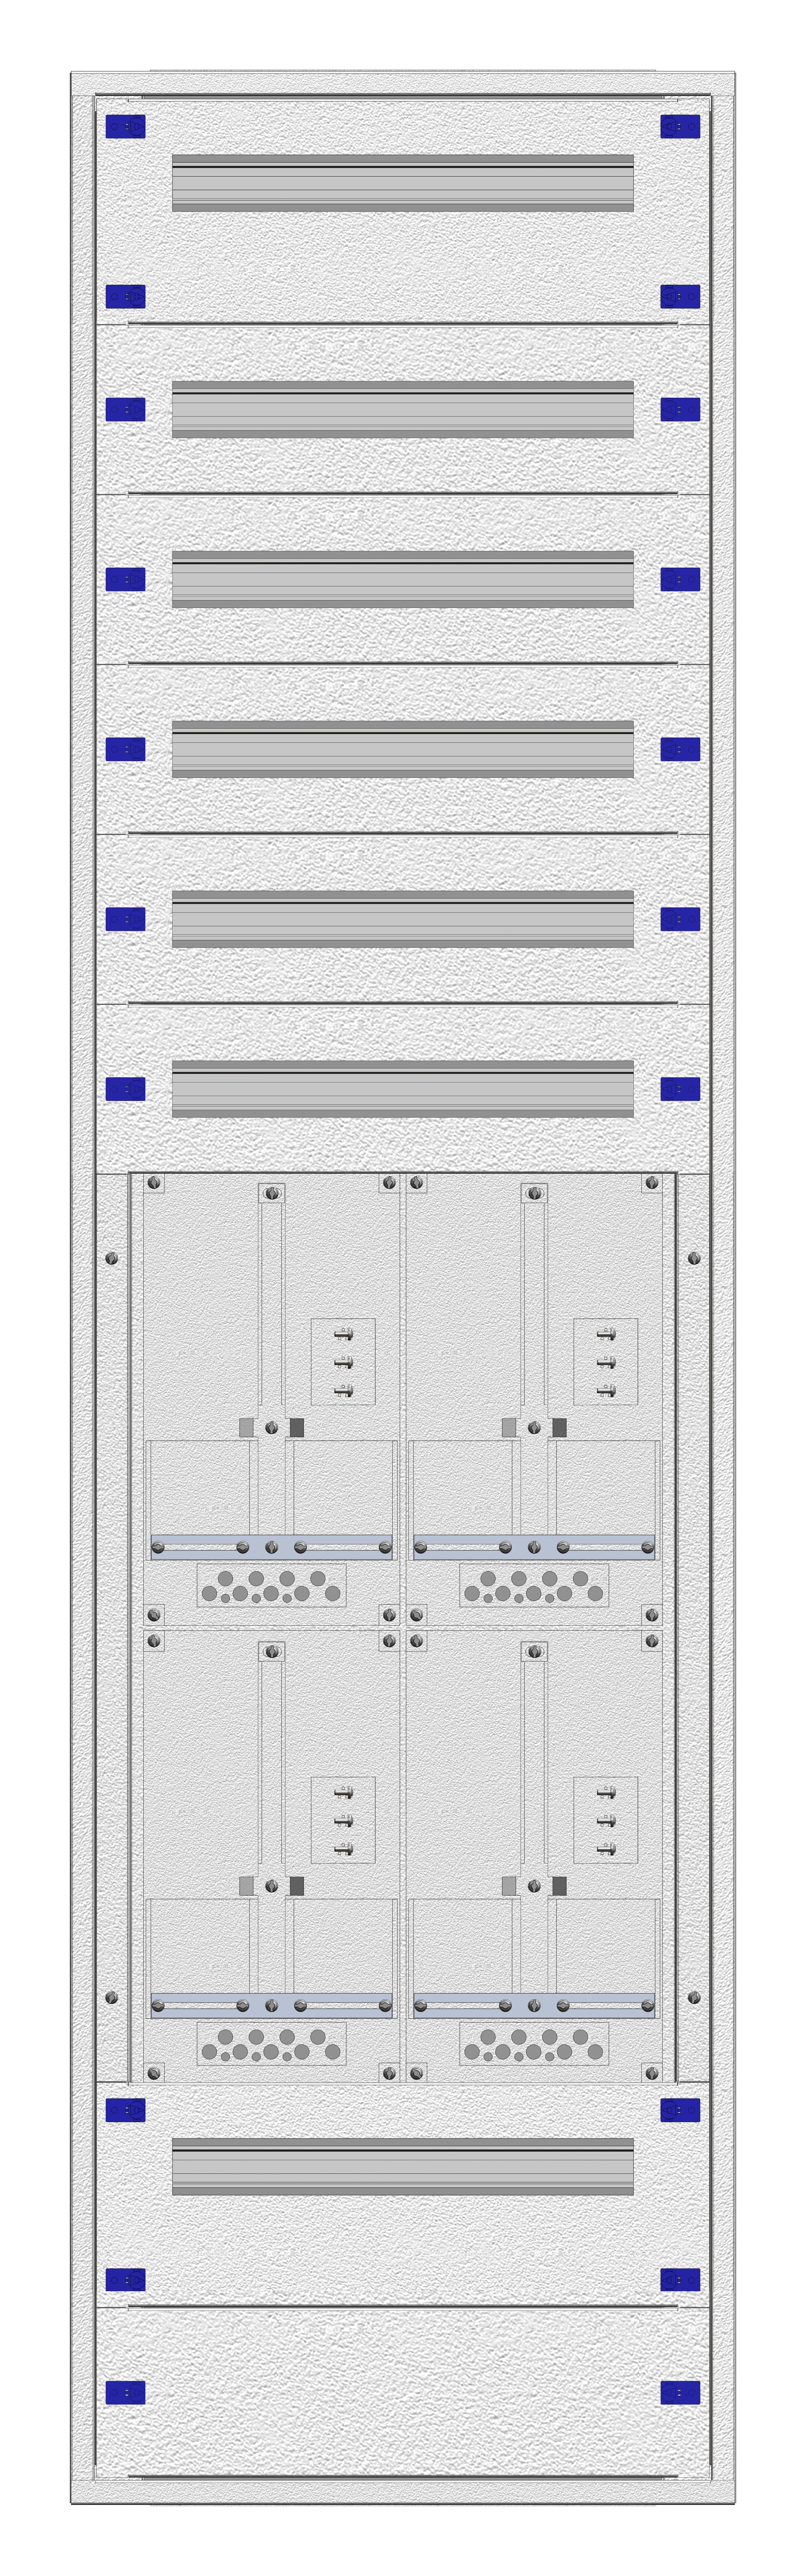 1 Stk Aufputz-Zählerverteiler 2A-42G/WIEN 4ZP, H2025B590T250mm IL162242WS